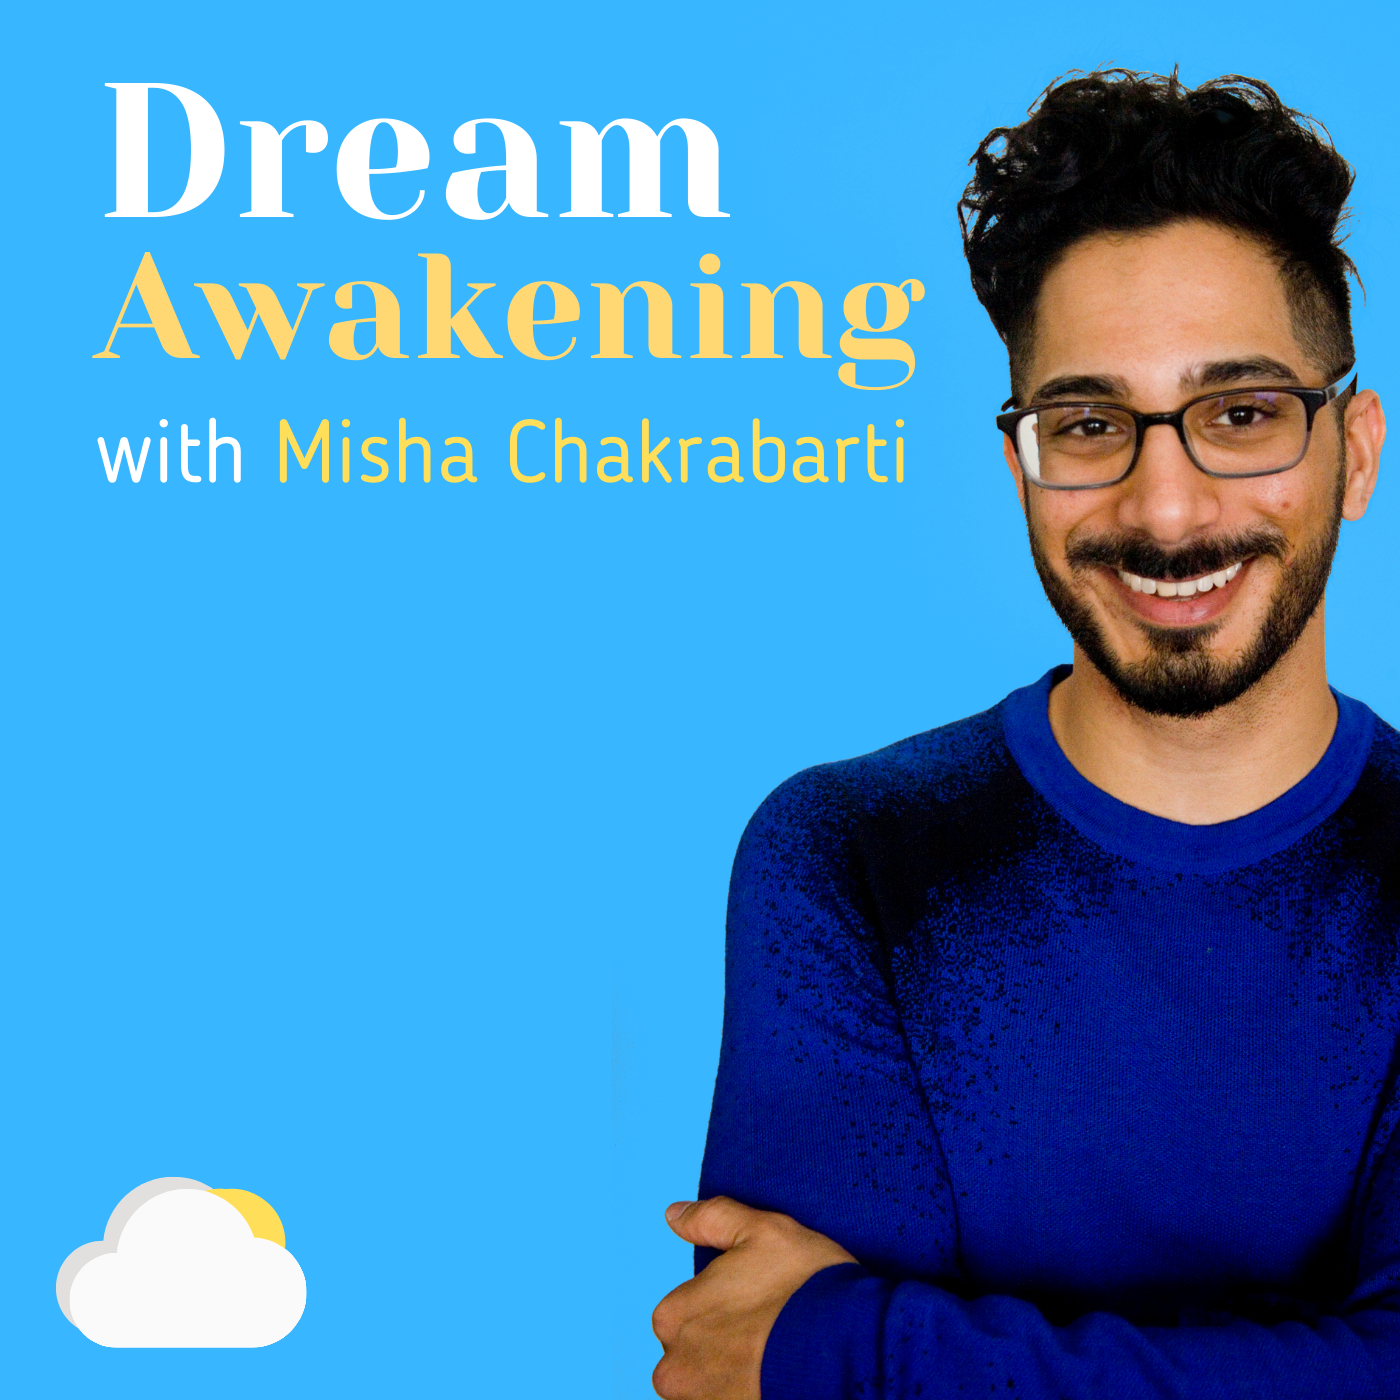 Show artwork for Dream Awakening with Misha Chakrabarti